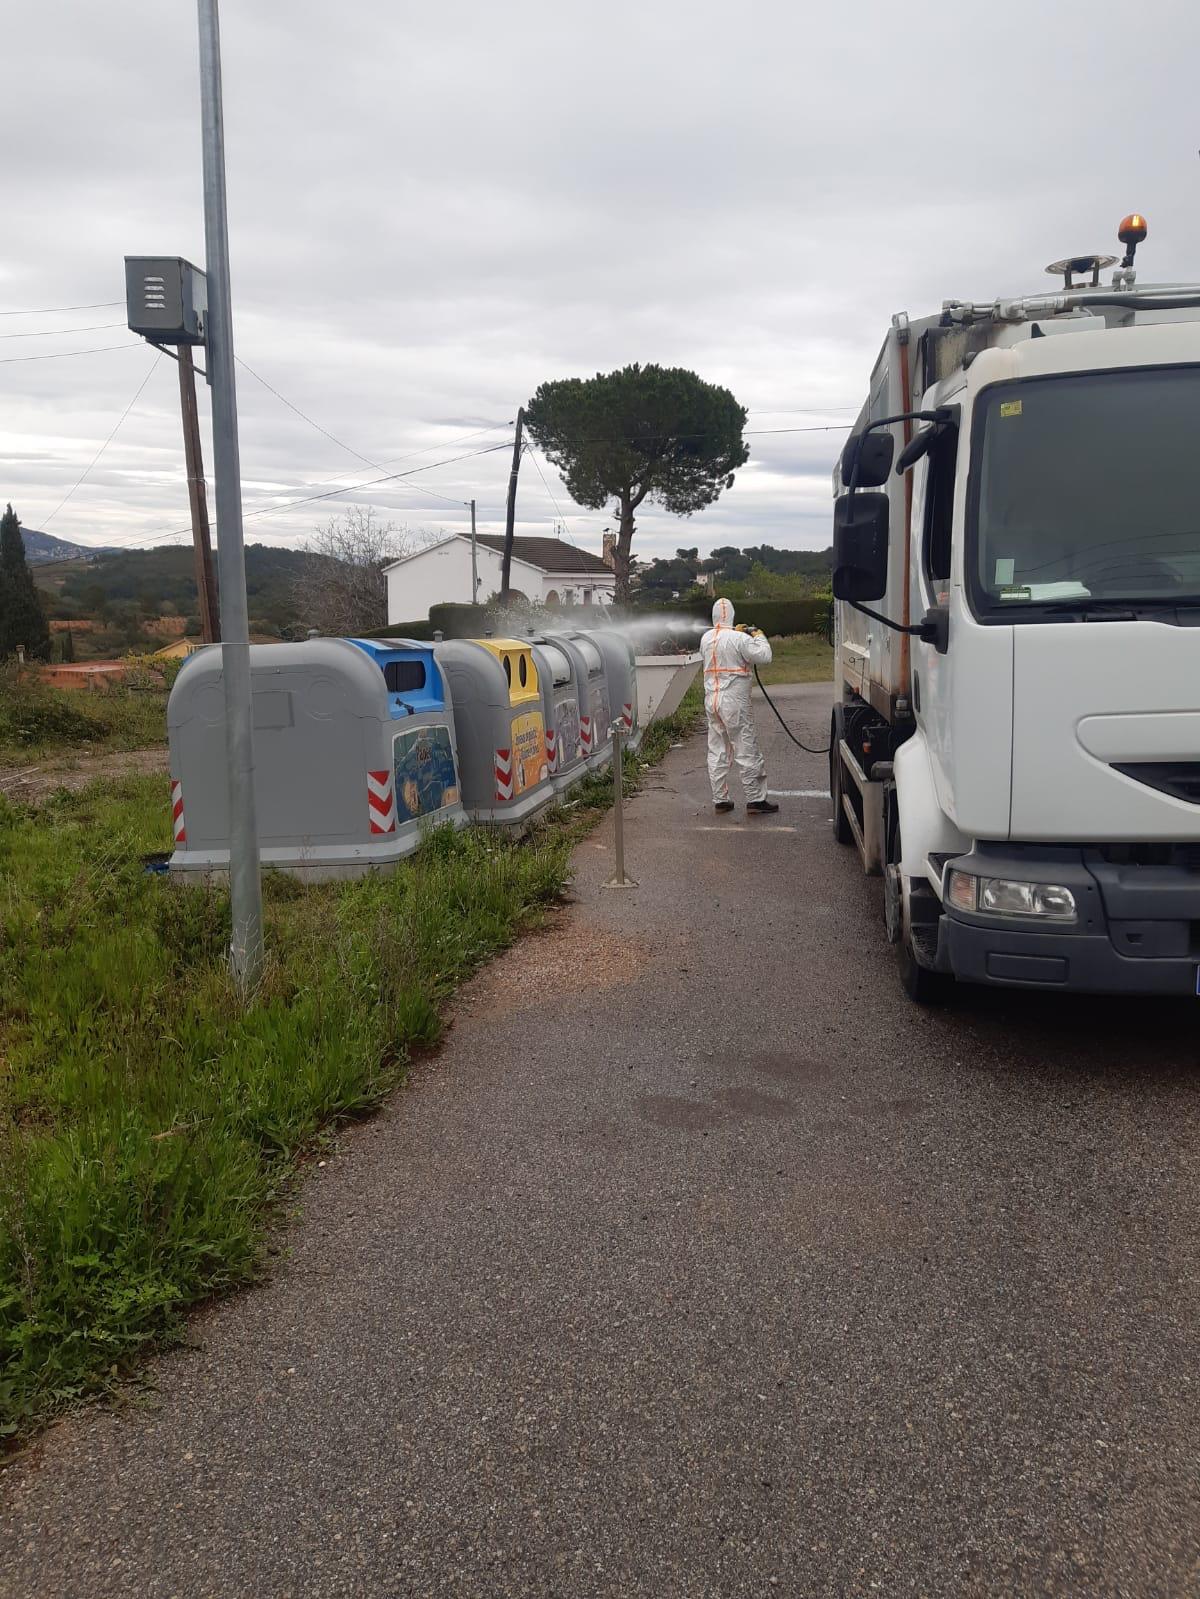 Continuen els treballs de desinfecció de les zones del municipi amb més afluència de persones i de les illes de contenidors